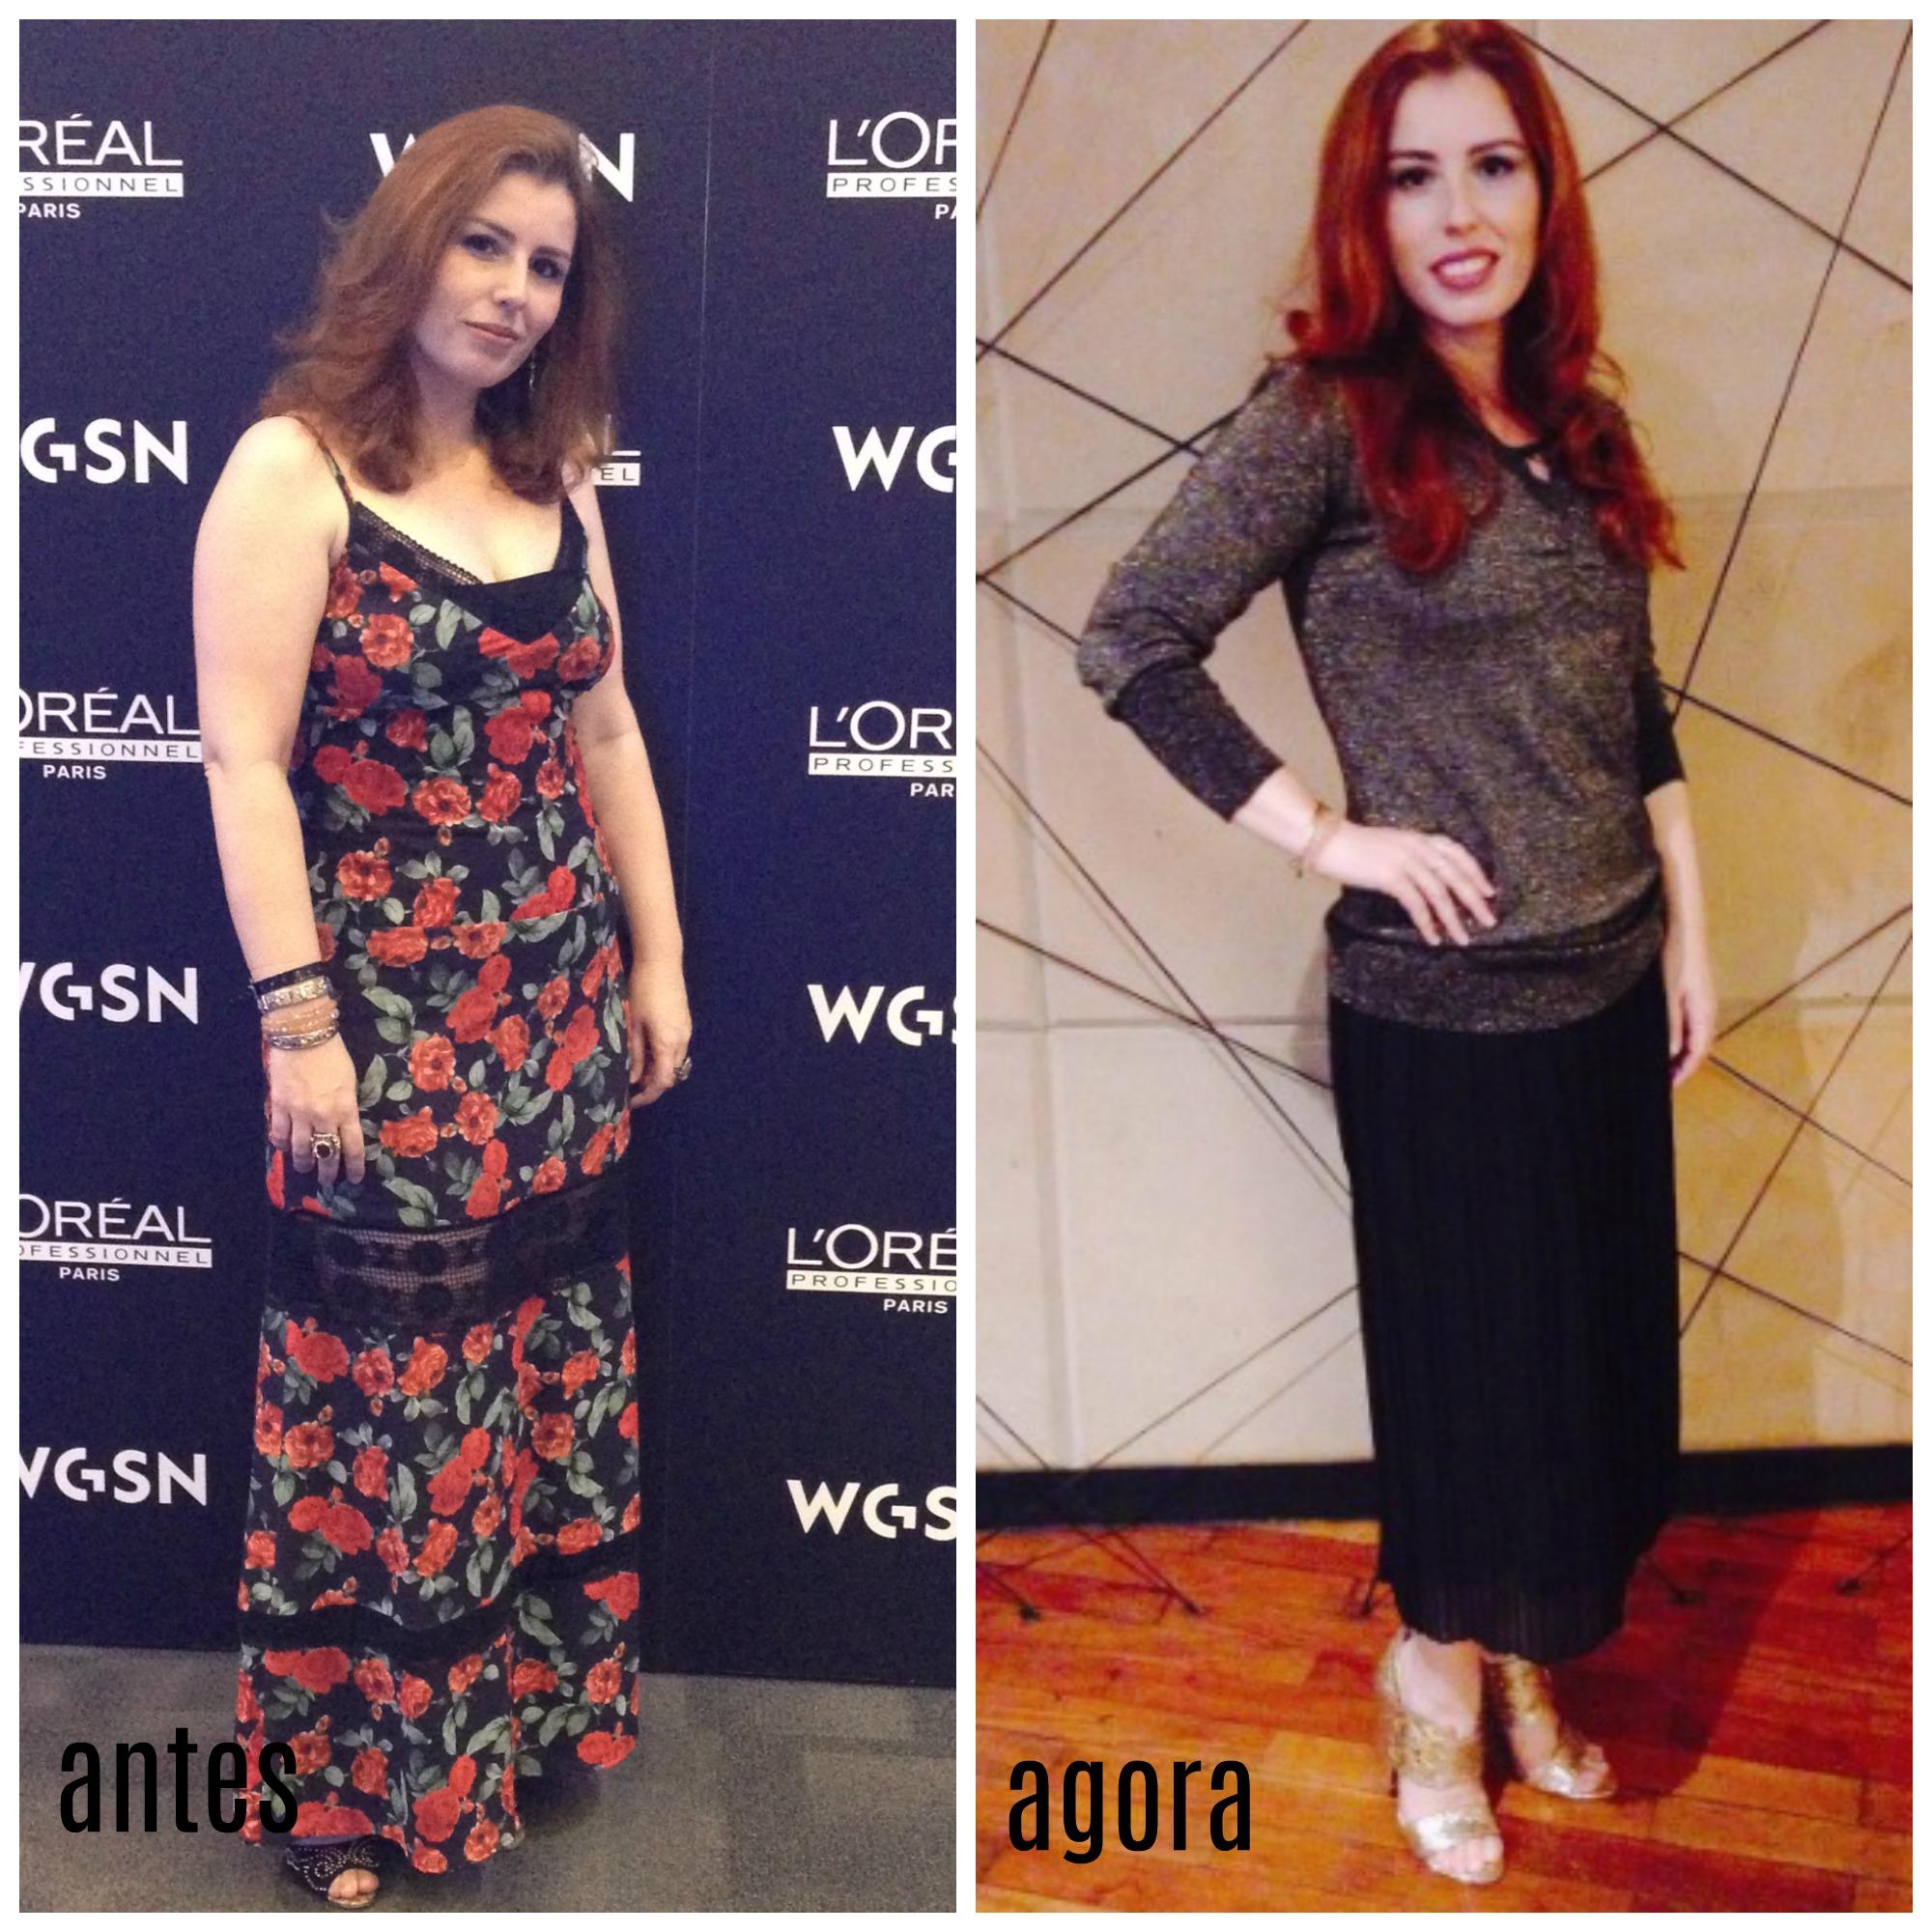 Emagreci 8kgs - antes e depois